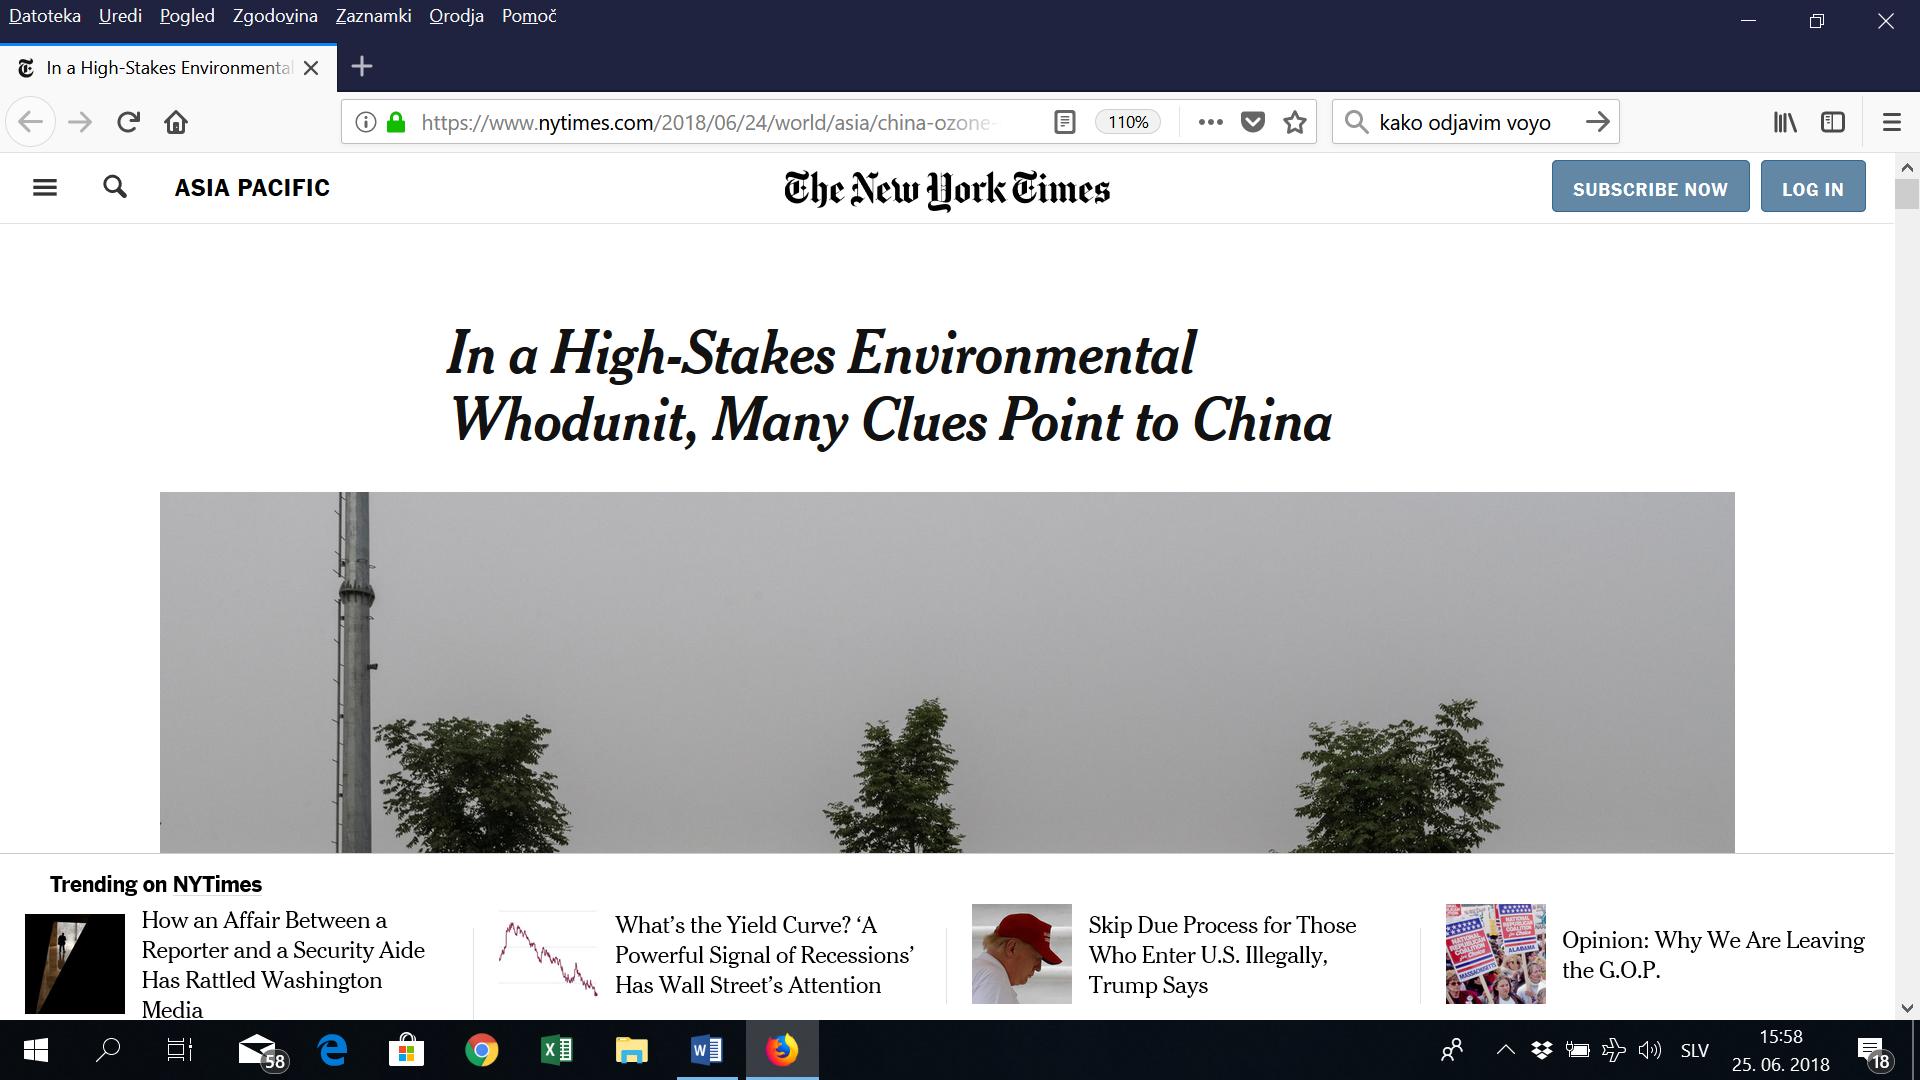 Globalni alarm je pomagal: našli izpuste, ki uničujejo ozonsko plast